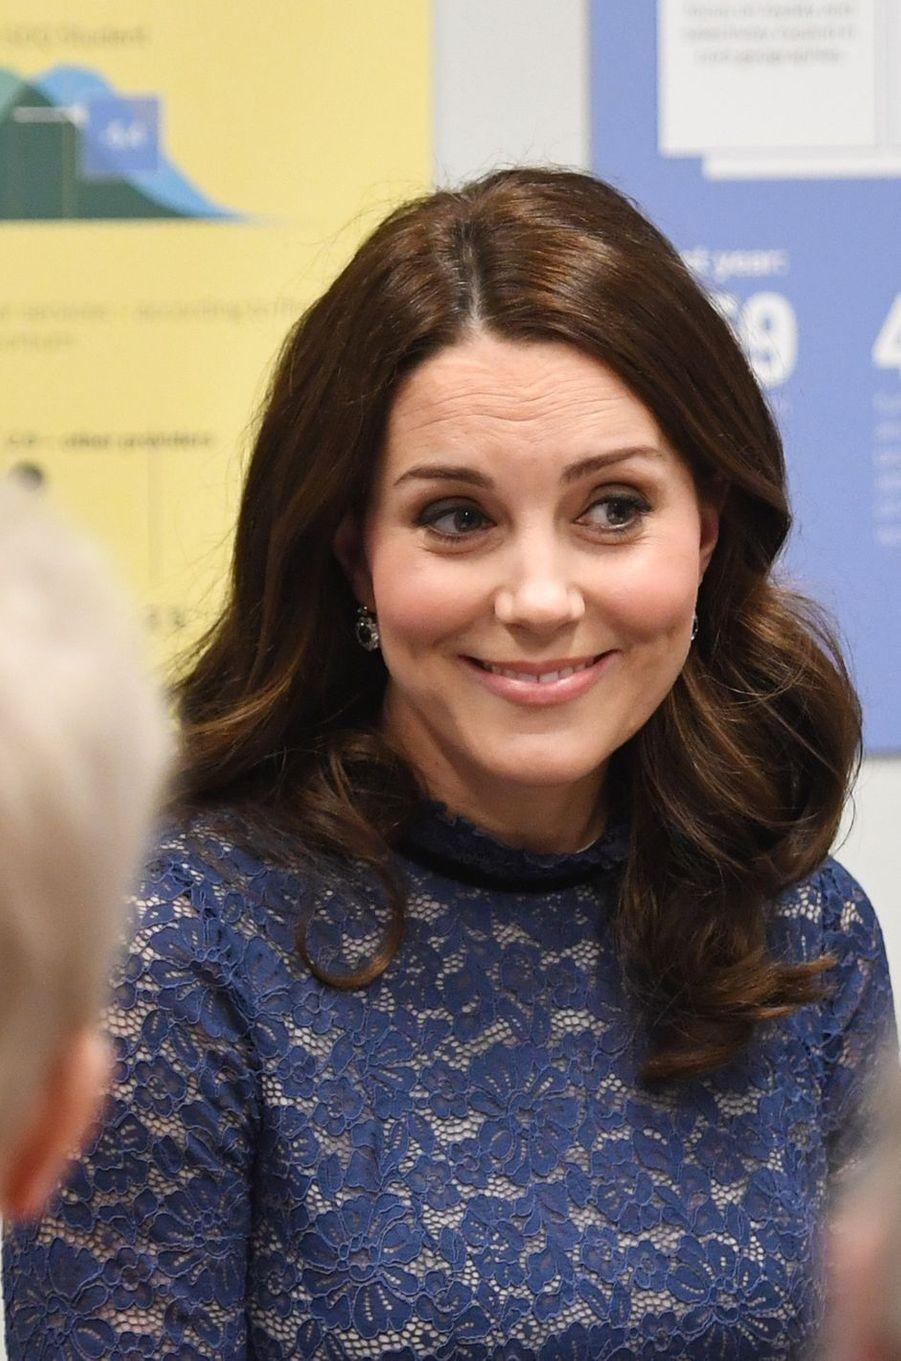 La duchesse Catherine de Cambridge à Londres, le 7 mars 2018